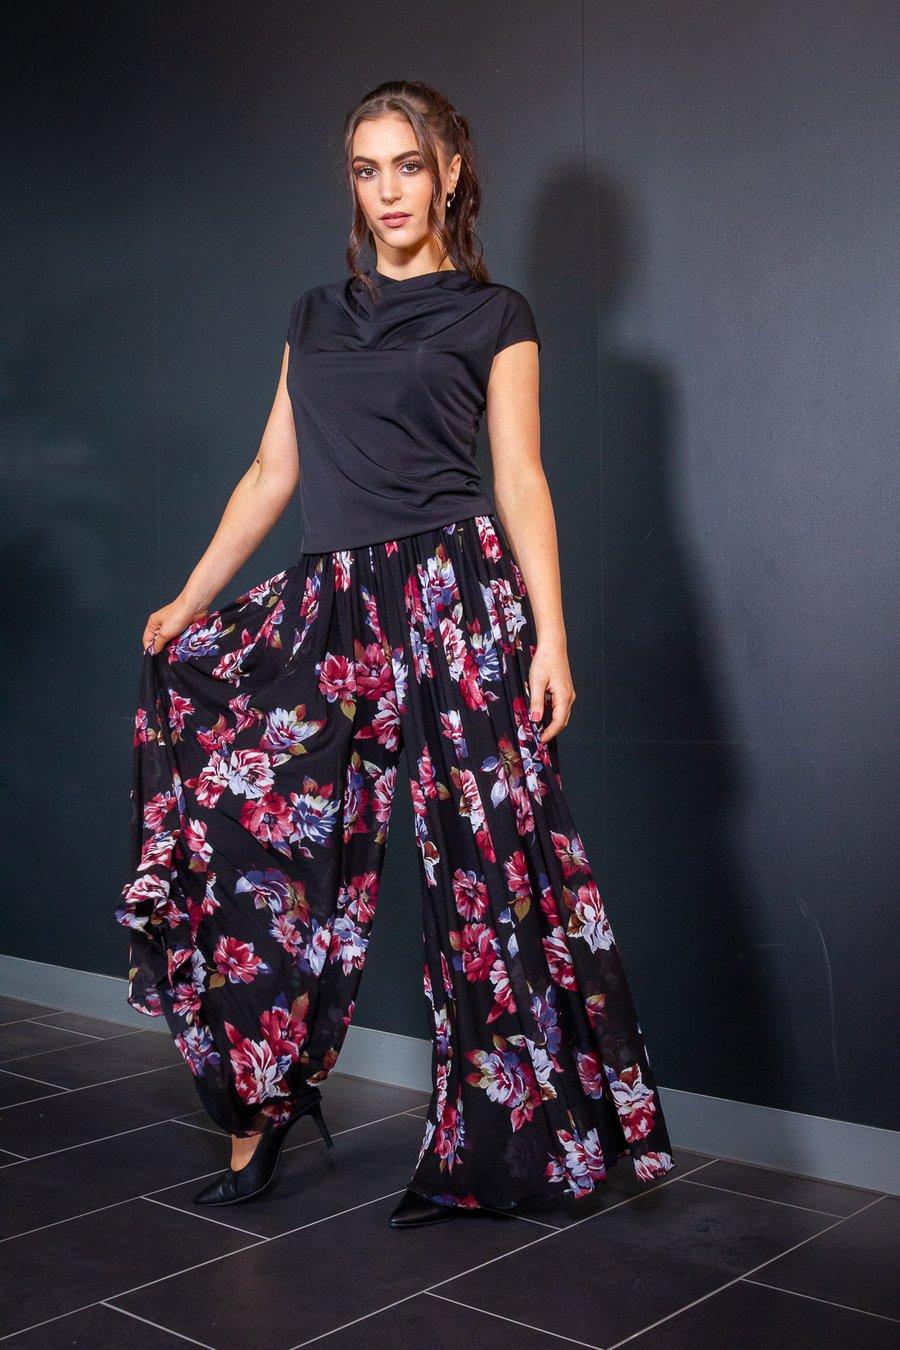 Image of Envy Pants (B7173A) Camellia Dancewear latin ballroom